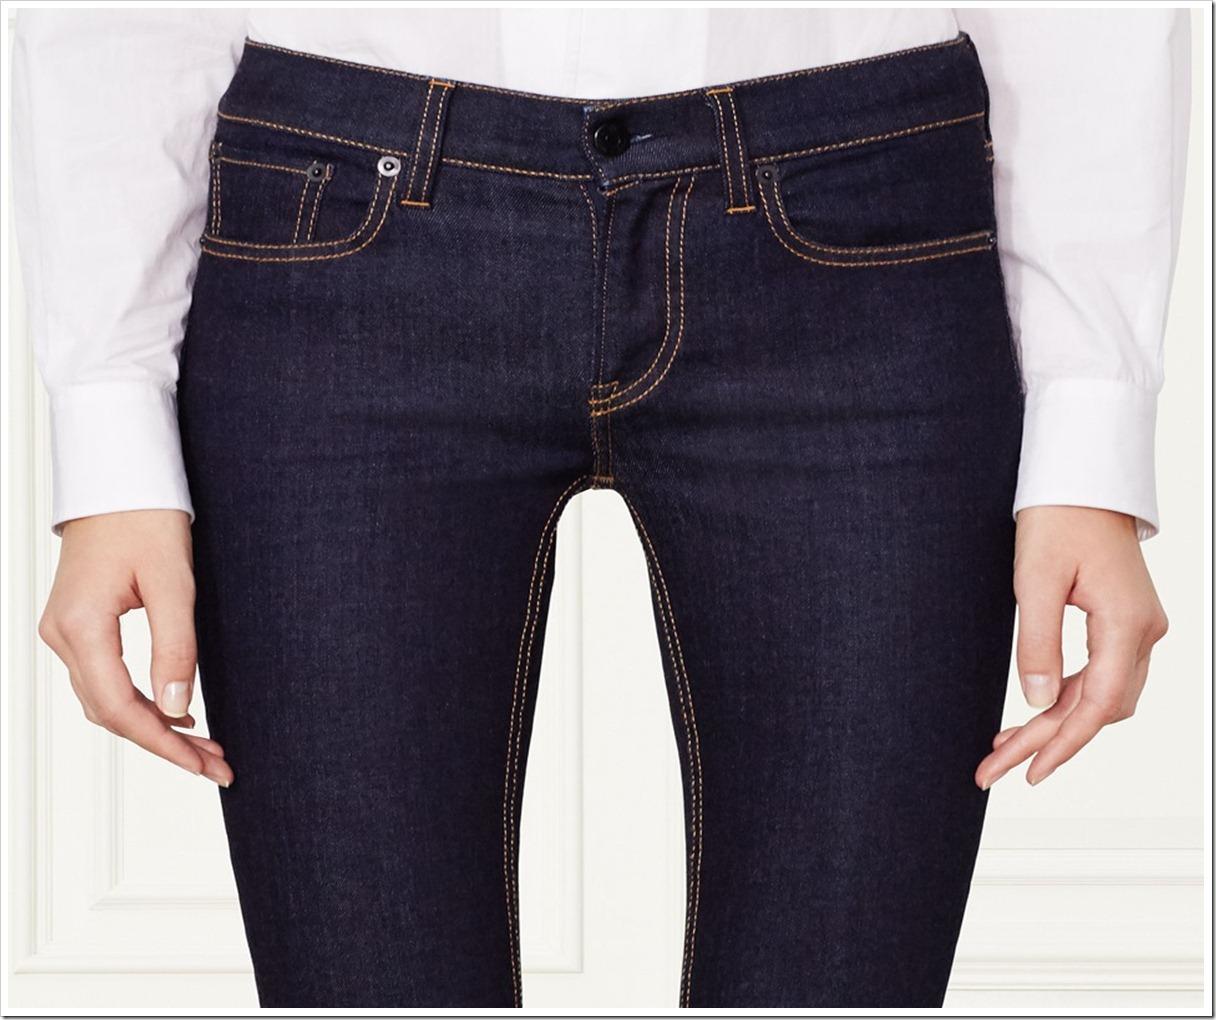 Ralph Lauren Denim : 380 Bootcut Jean